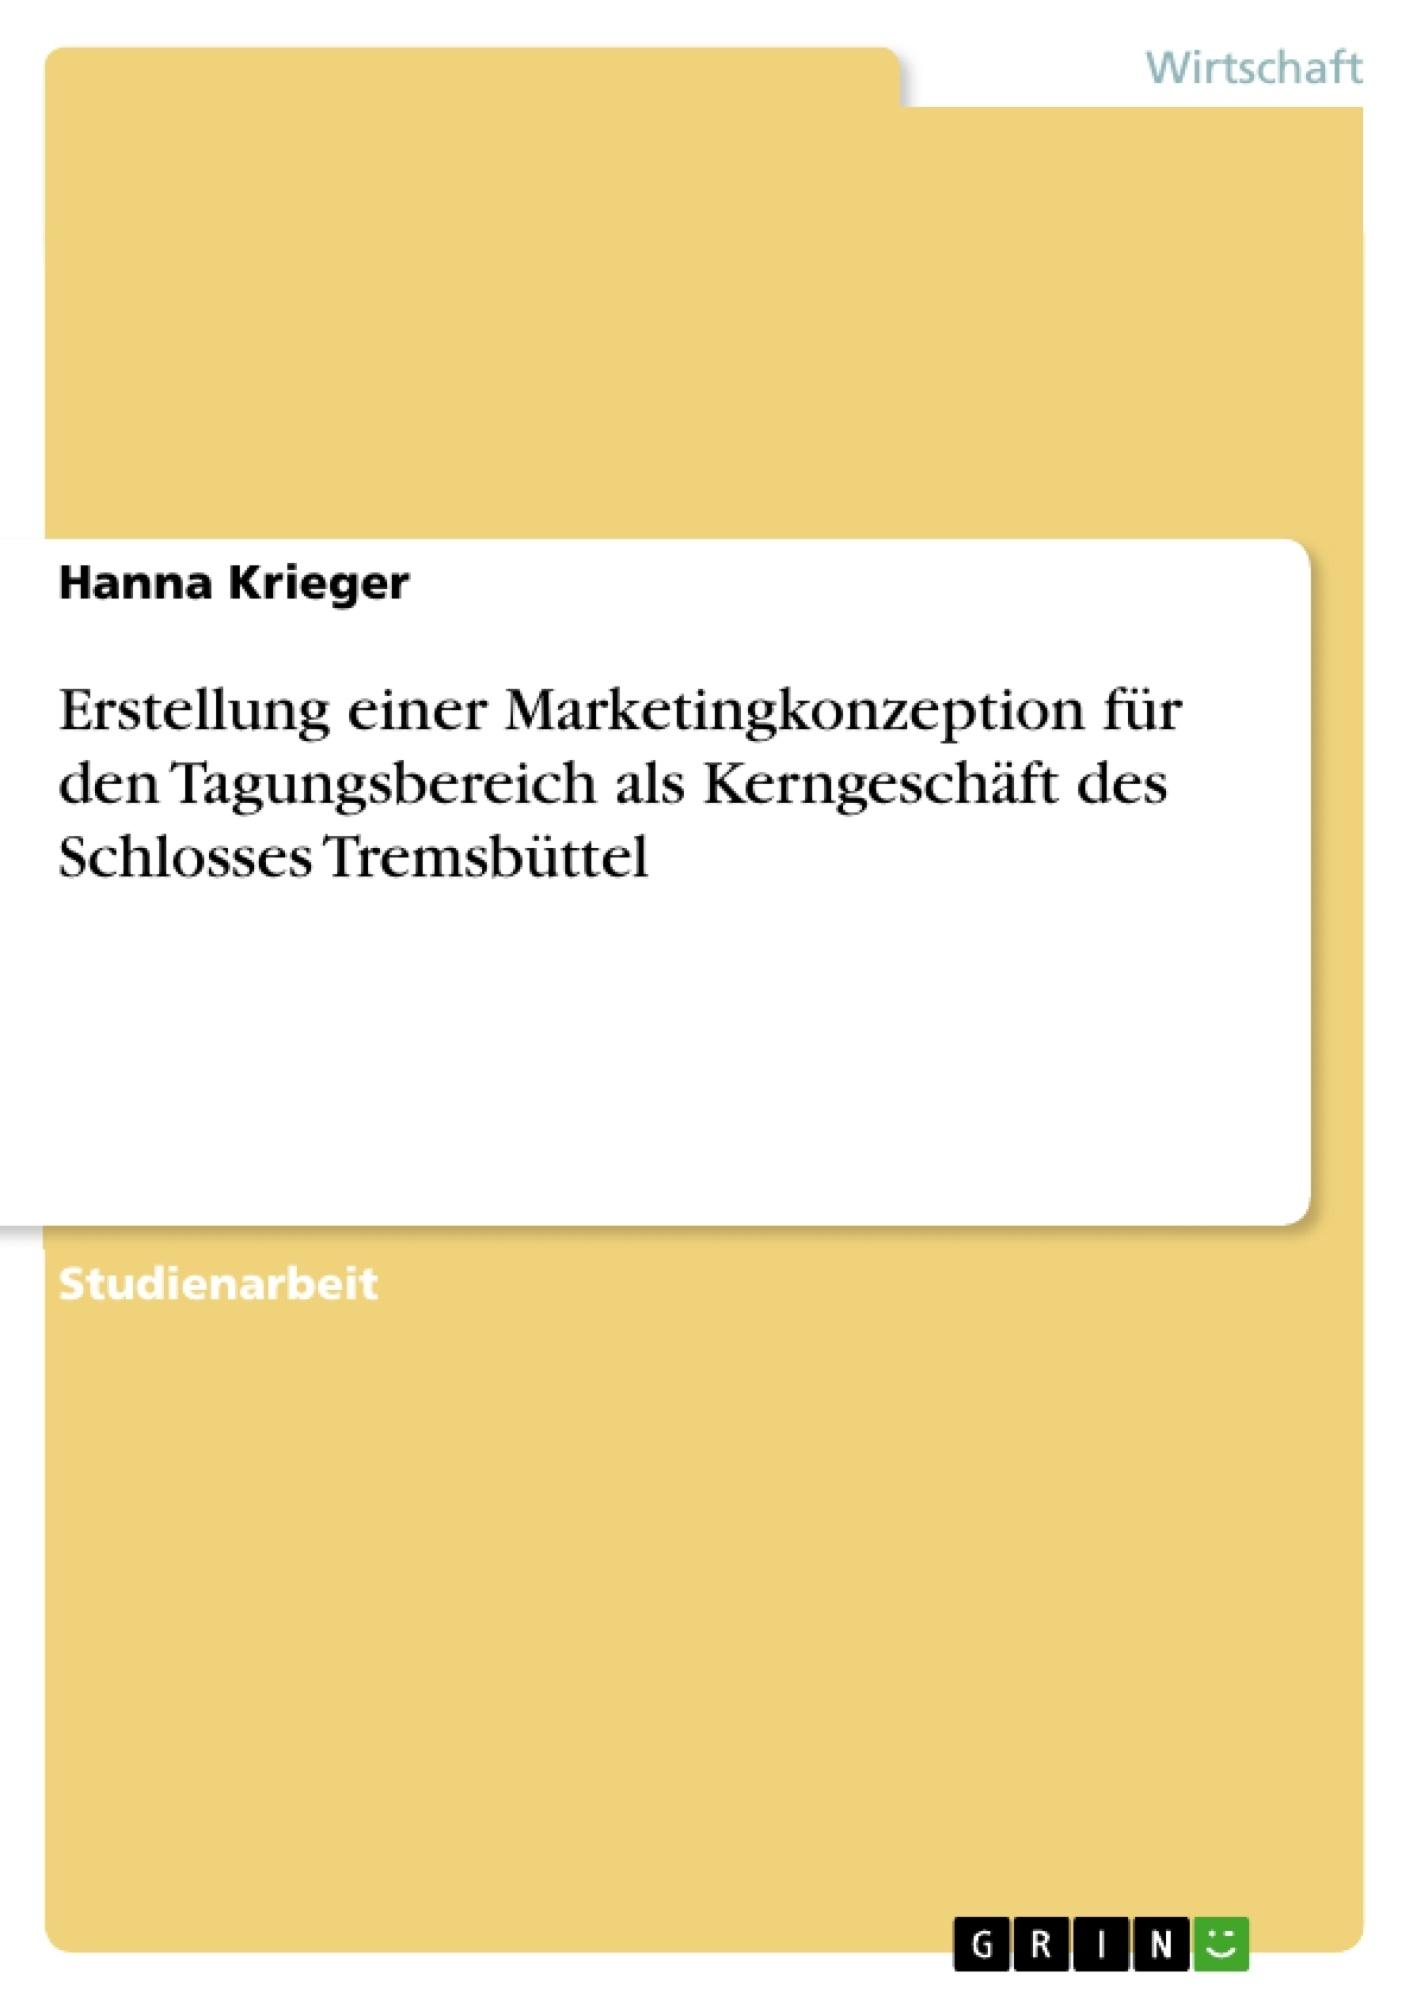 Titel: Erstellung einer Marketingkonzeption für den Tagungsbereich als Kerngeschäft des Schlosses Tremsbüttel